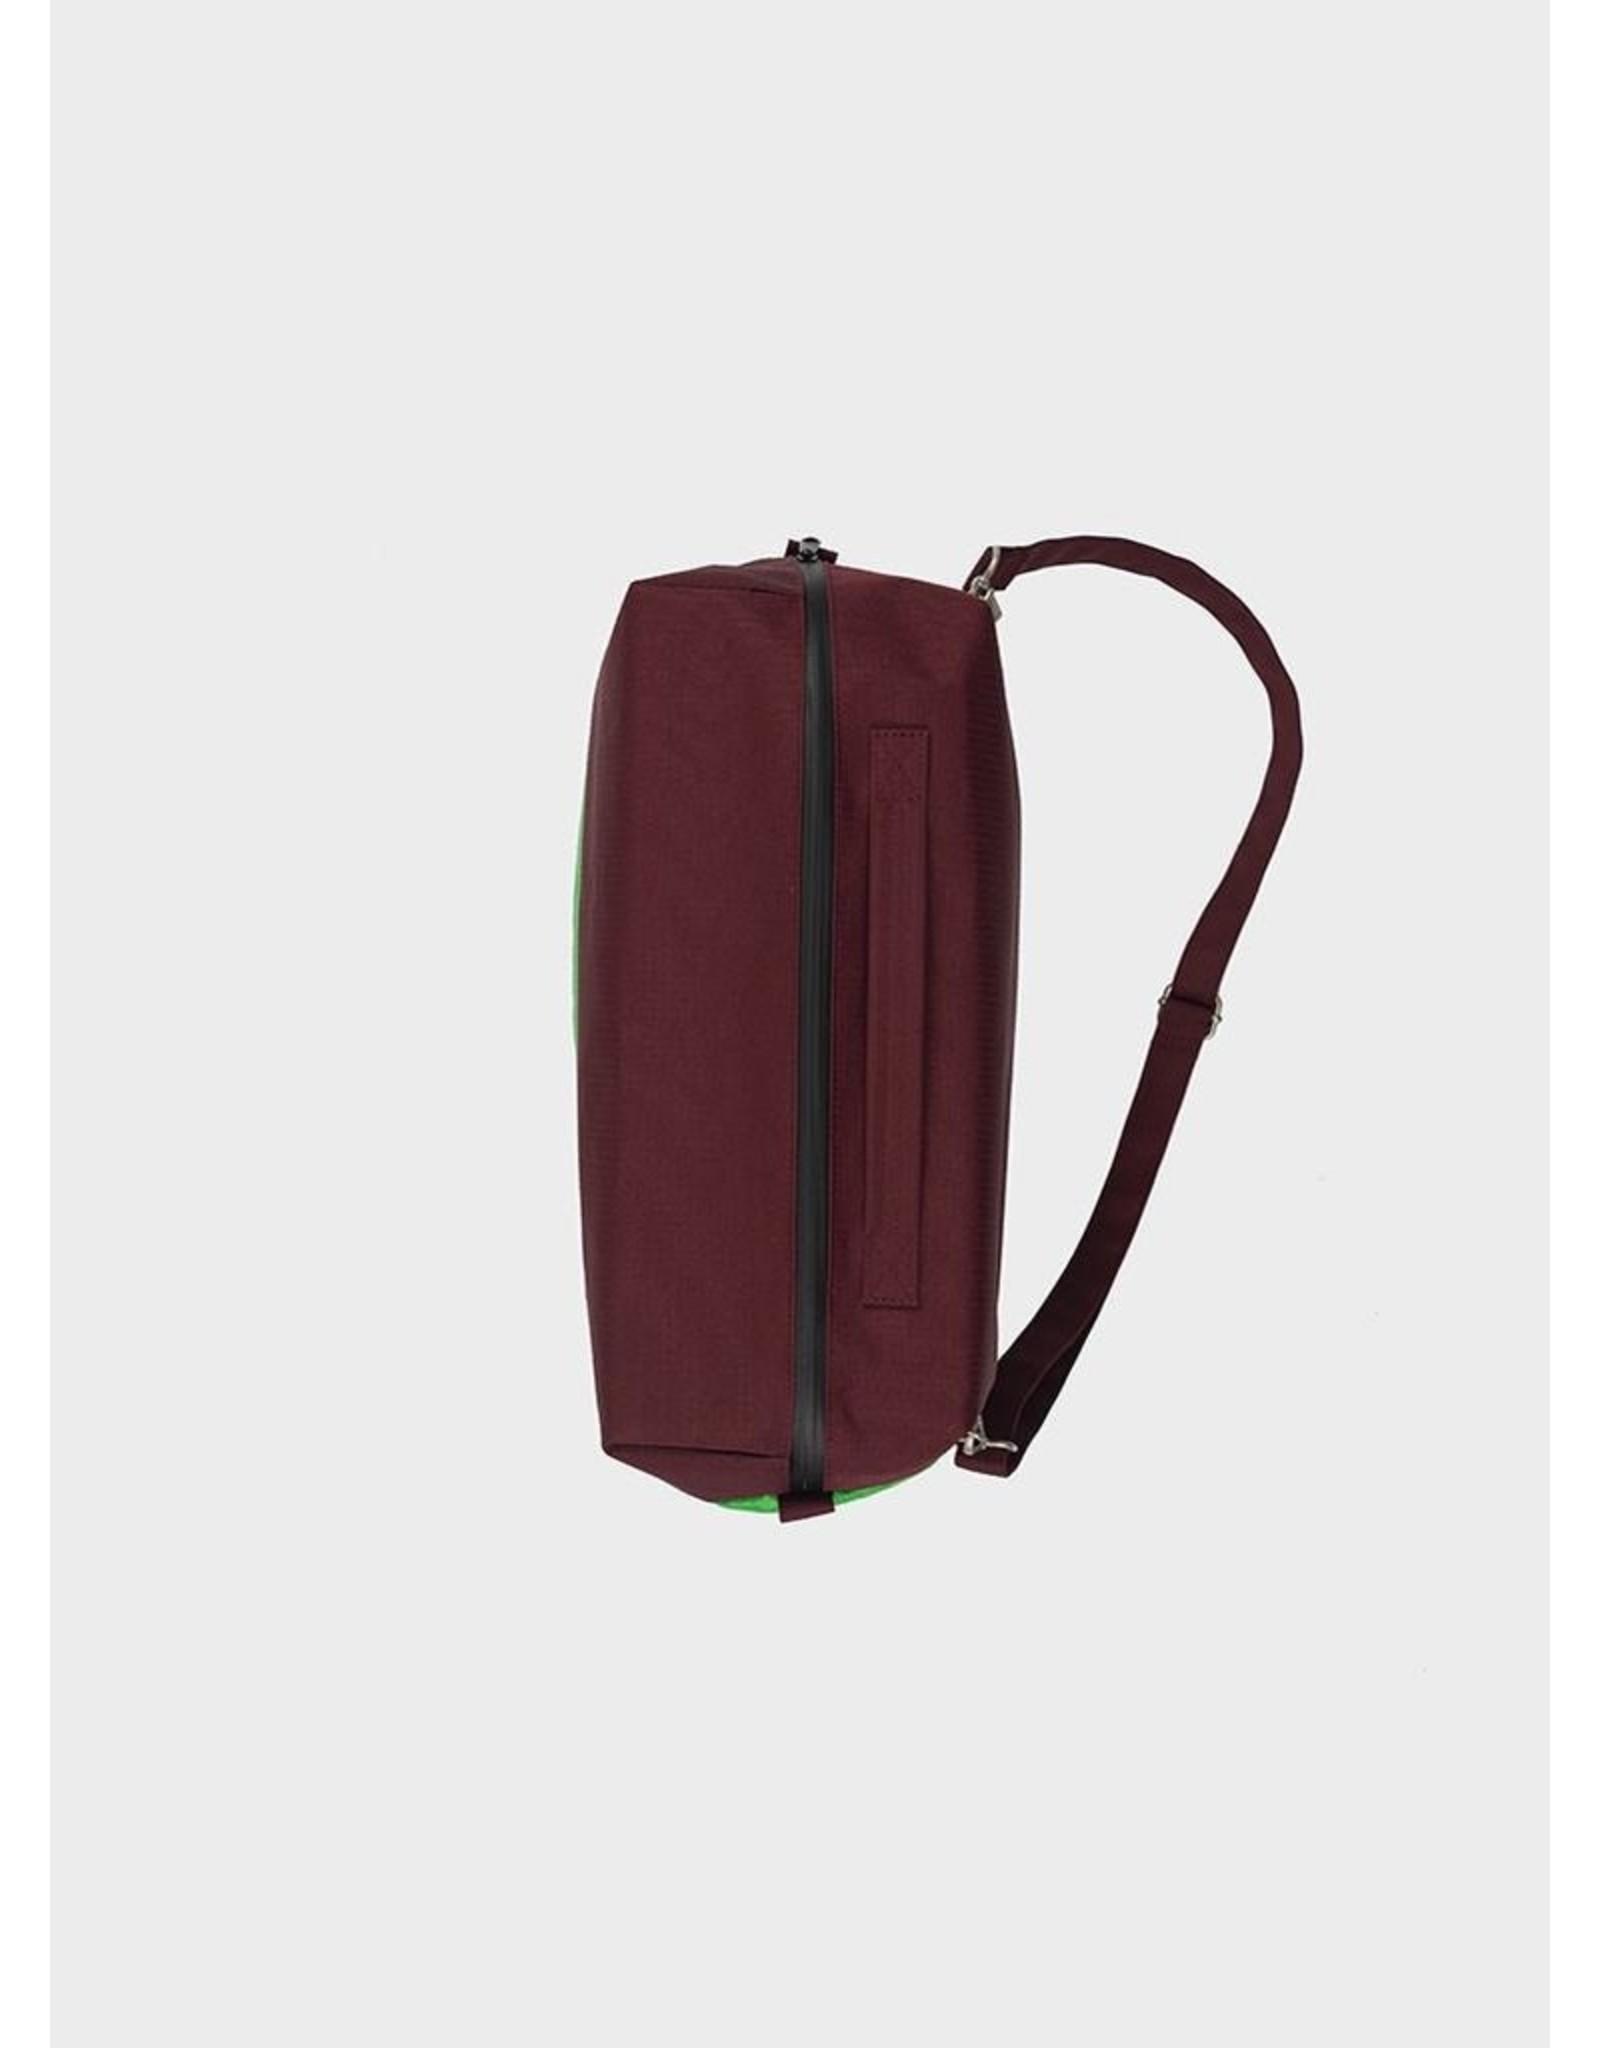 Susan Bijl 24/7 Bag - Bordeaux  & Greenscreen Groen - Weekendtas - 39,5 x 18 x 28 cm - 20l - Waterproof